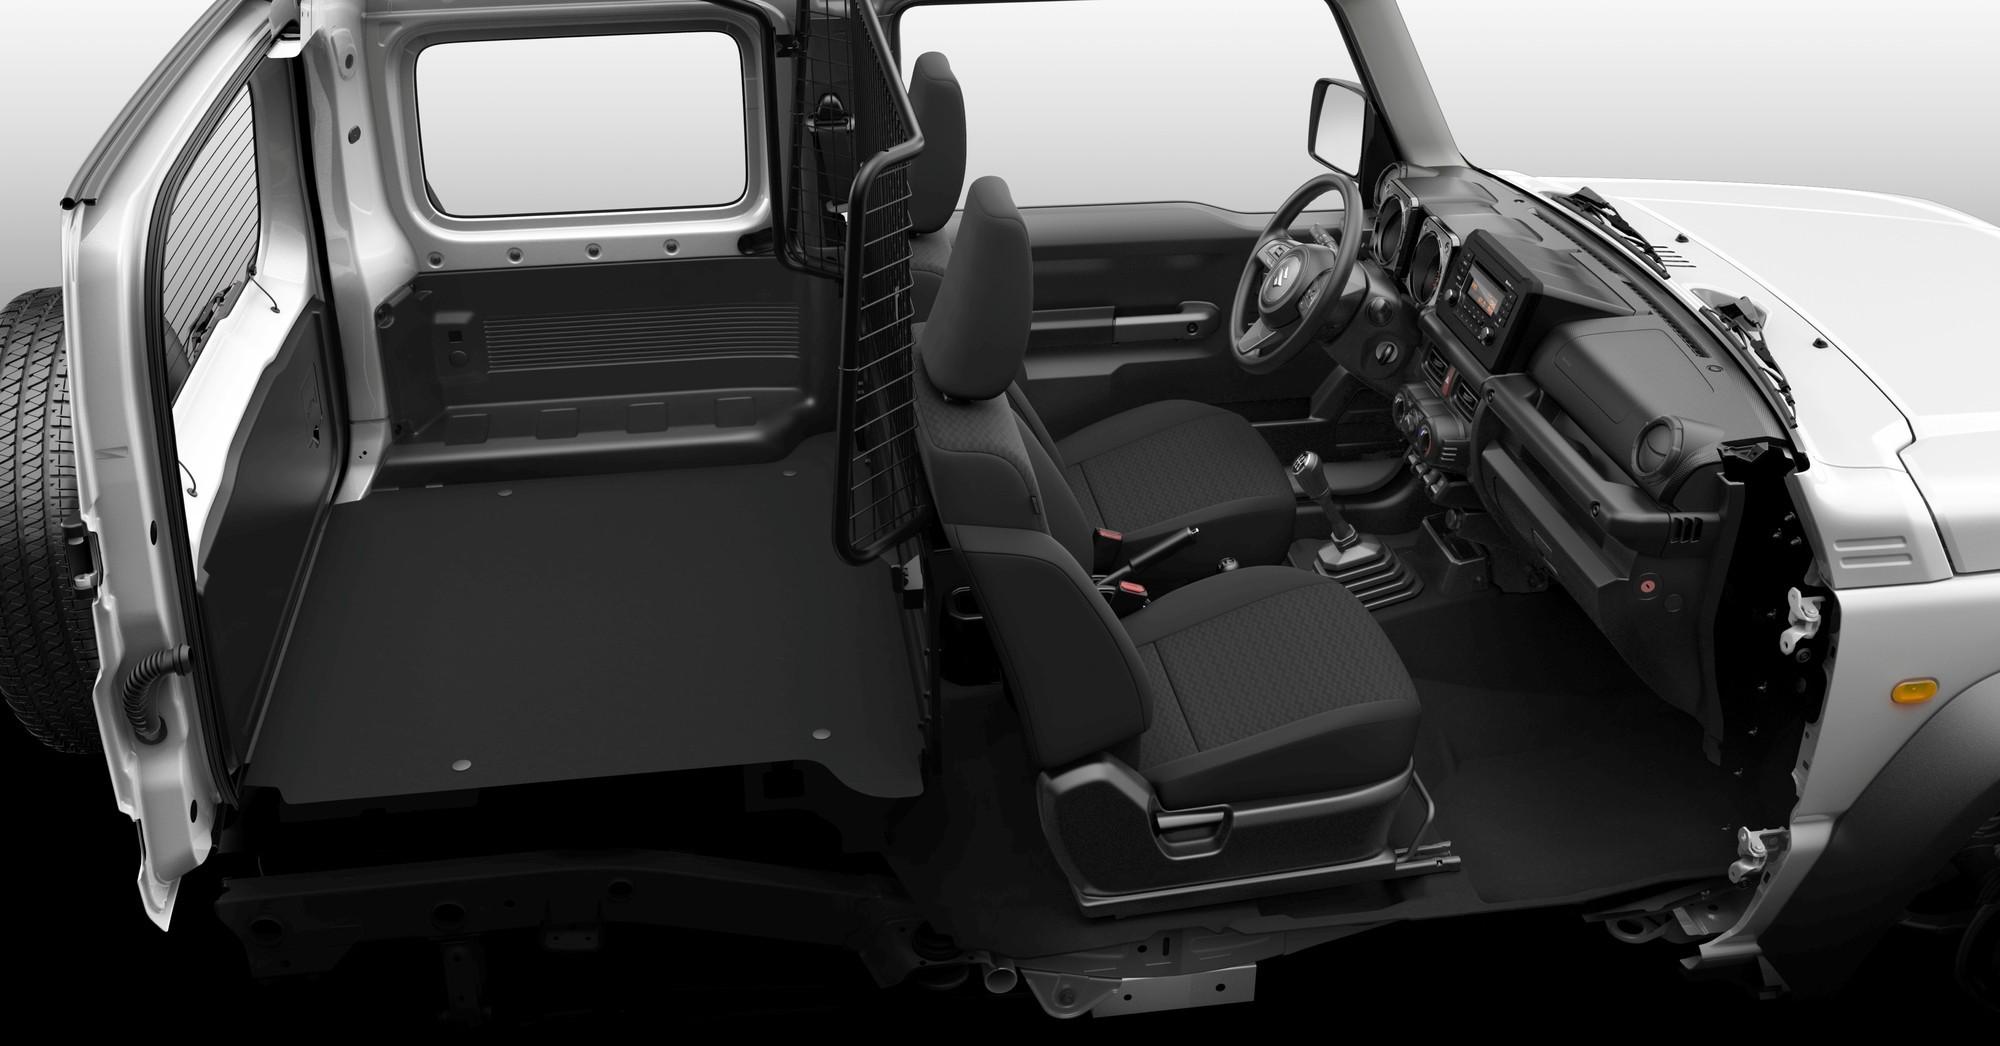 Не хочу быть «осликом»: Suzuki Jimny станет гибридом и покорит Европу